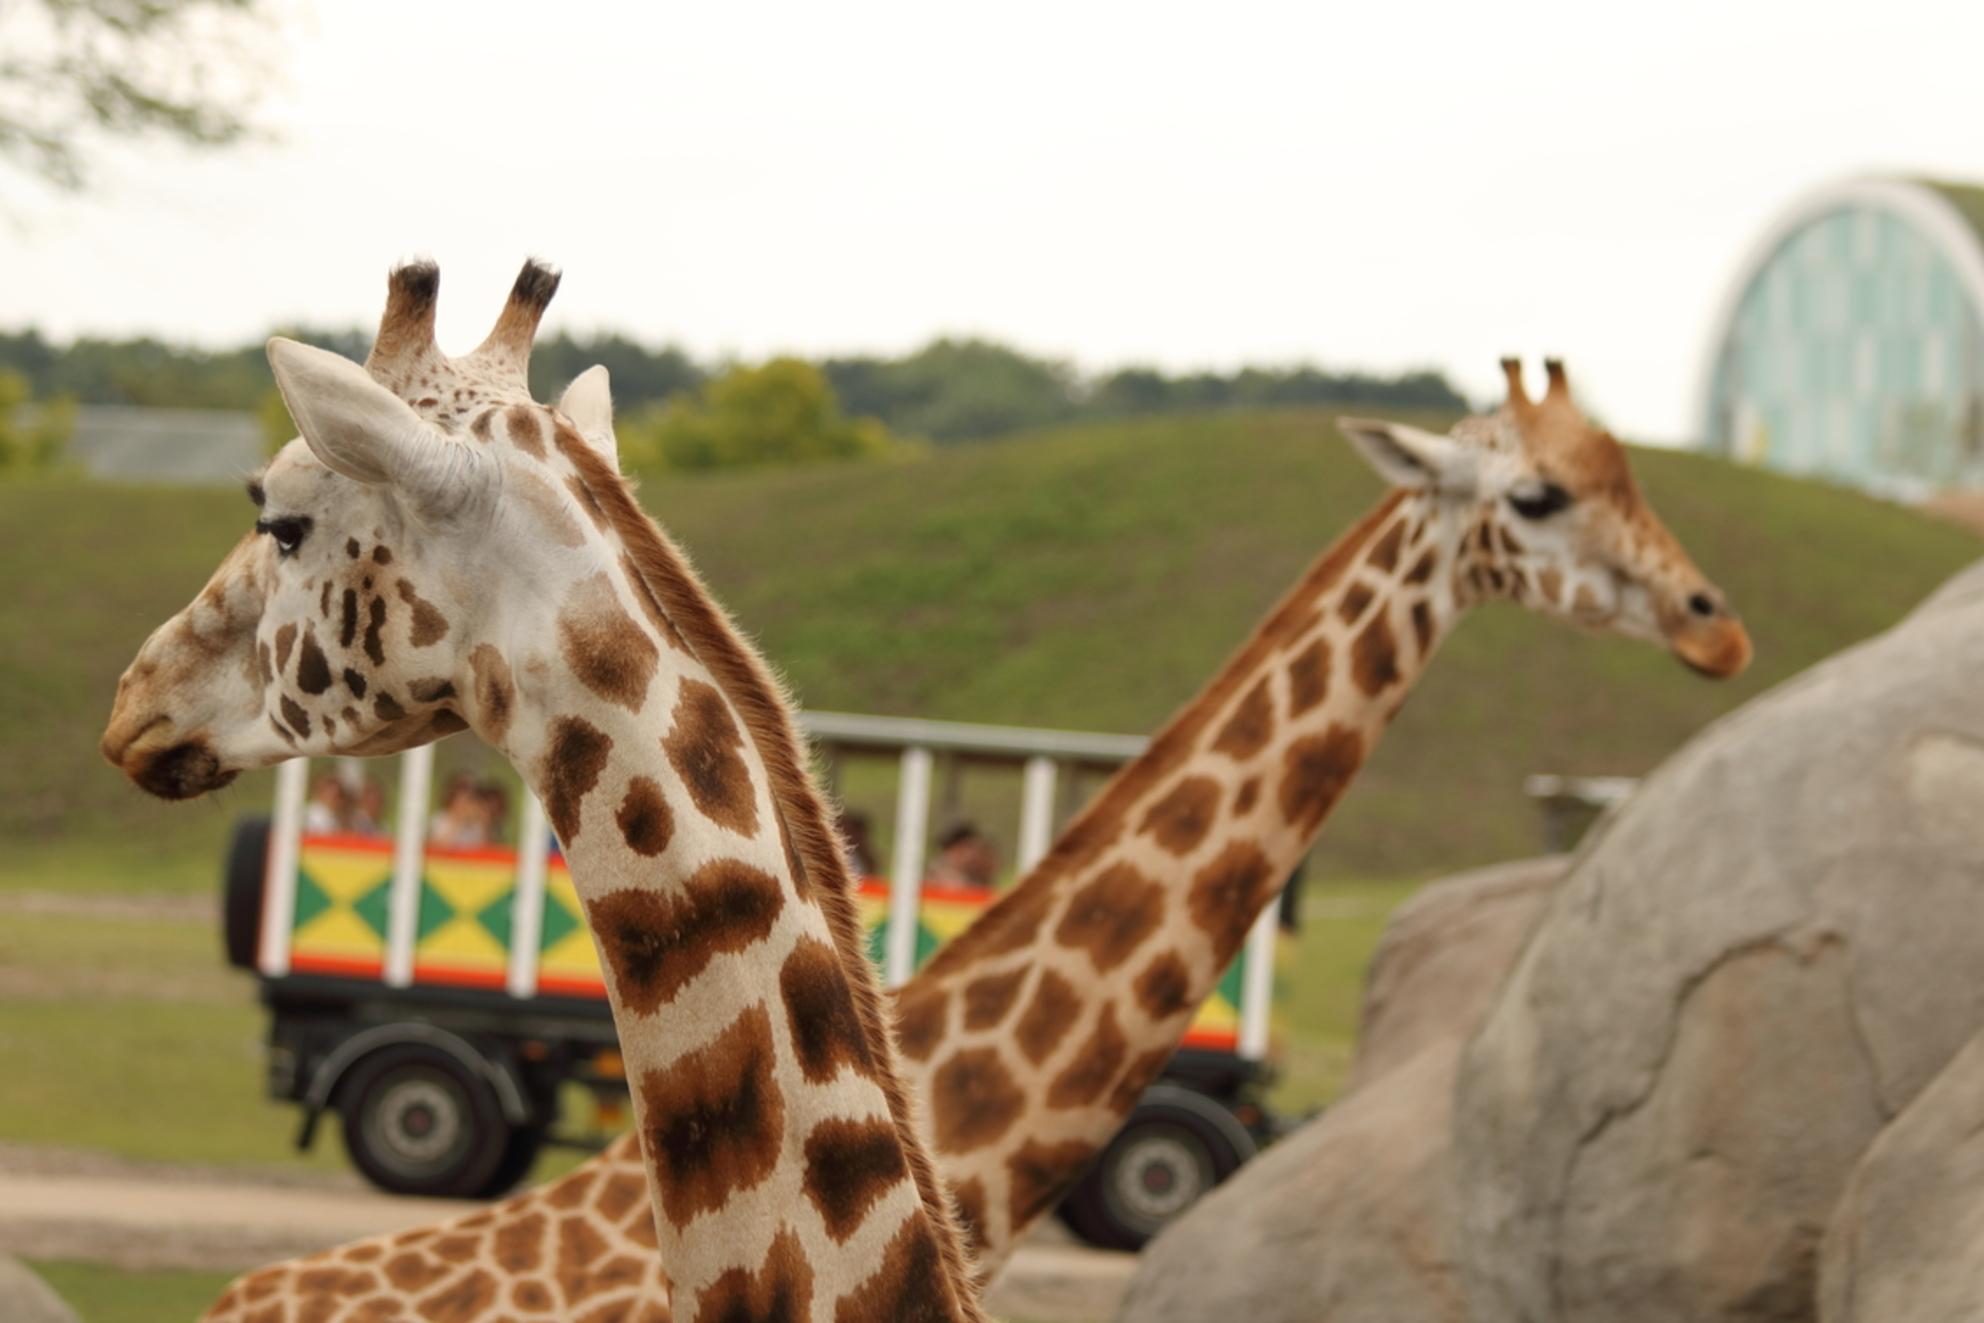 Giraffes gekruist - Je kon deze giraffes van dichterbij bekijken vanuit een safaribusje dat door hun terrein reed. - foto door Jelte1998 op 14-02-2017 - deze foto bevat: dierentuin, natuur, dieren, safari, giraffe, afrika, emmen, giraffes, dierenpark emmen, wildlands - Deze foto mag gebruikt worden in een Zoom.nl publicatie